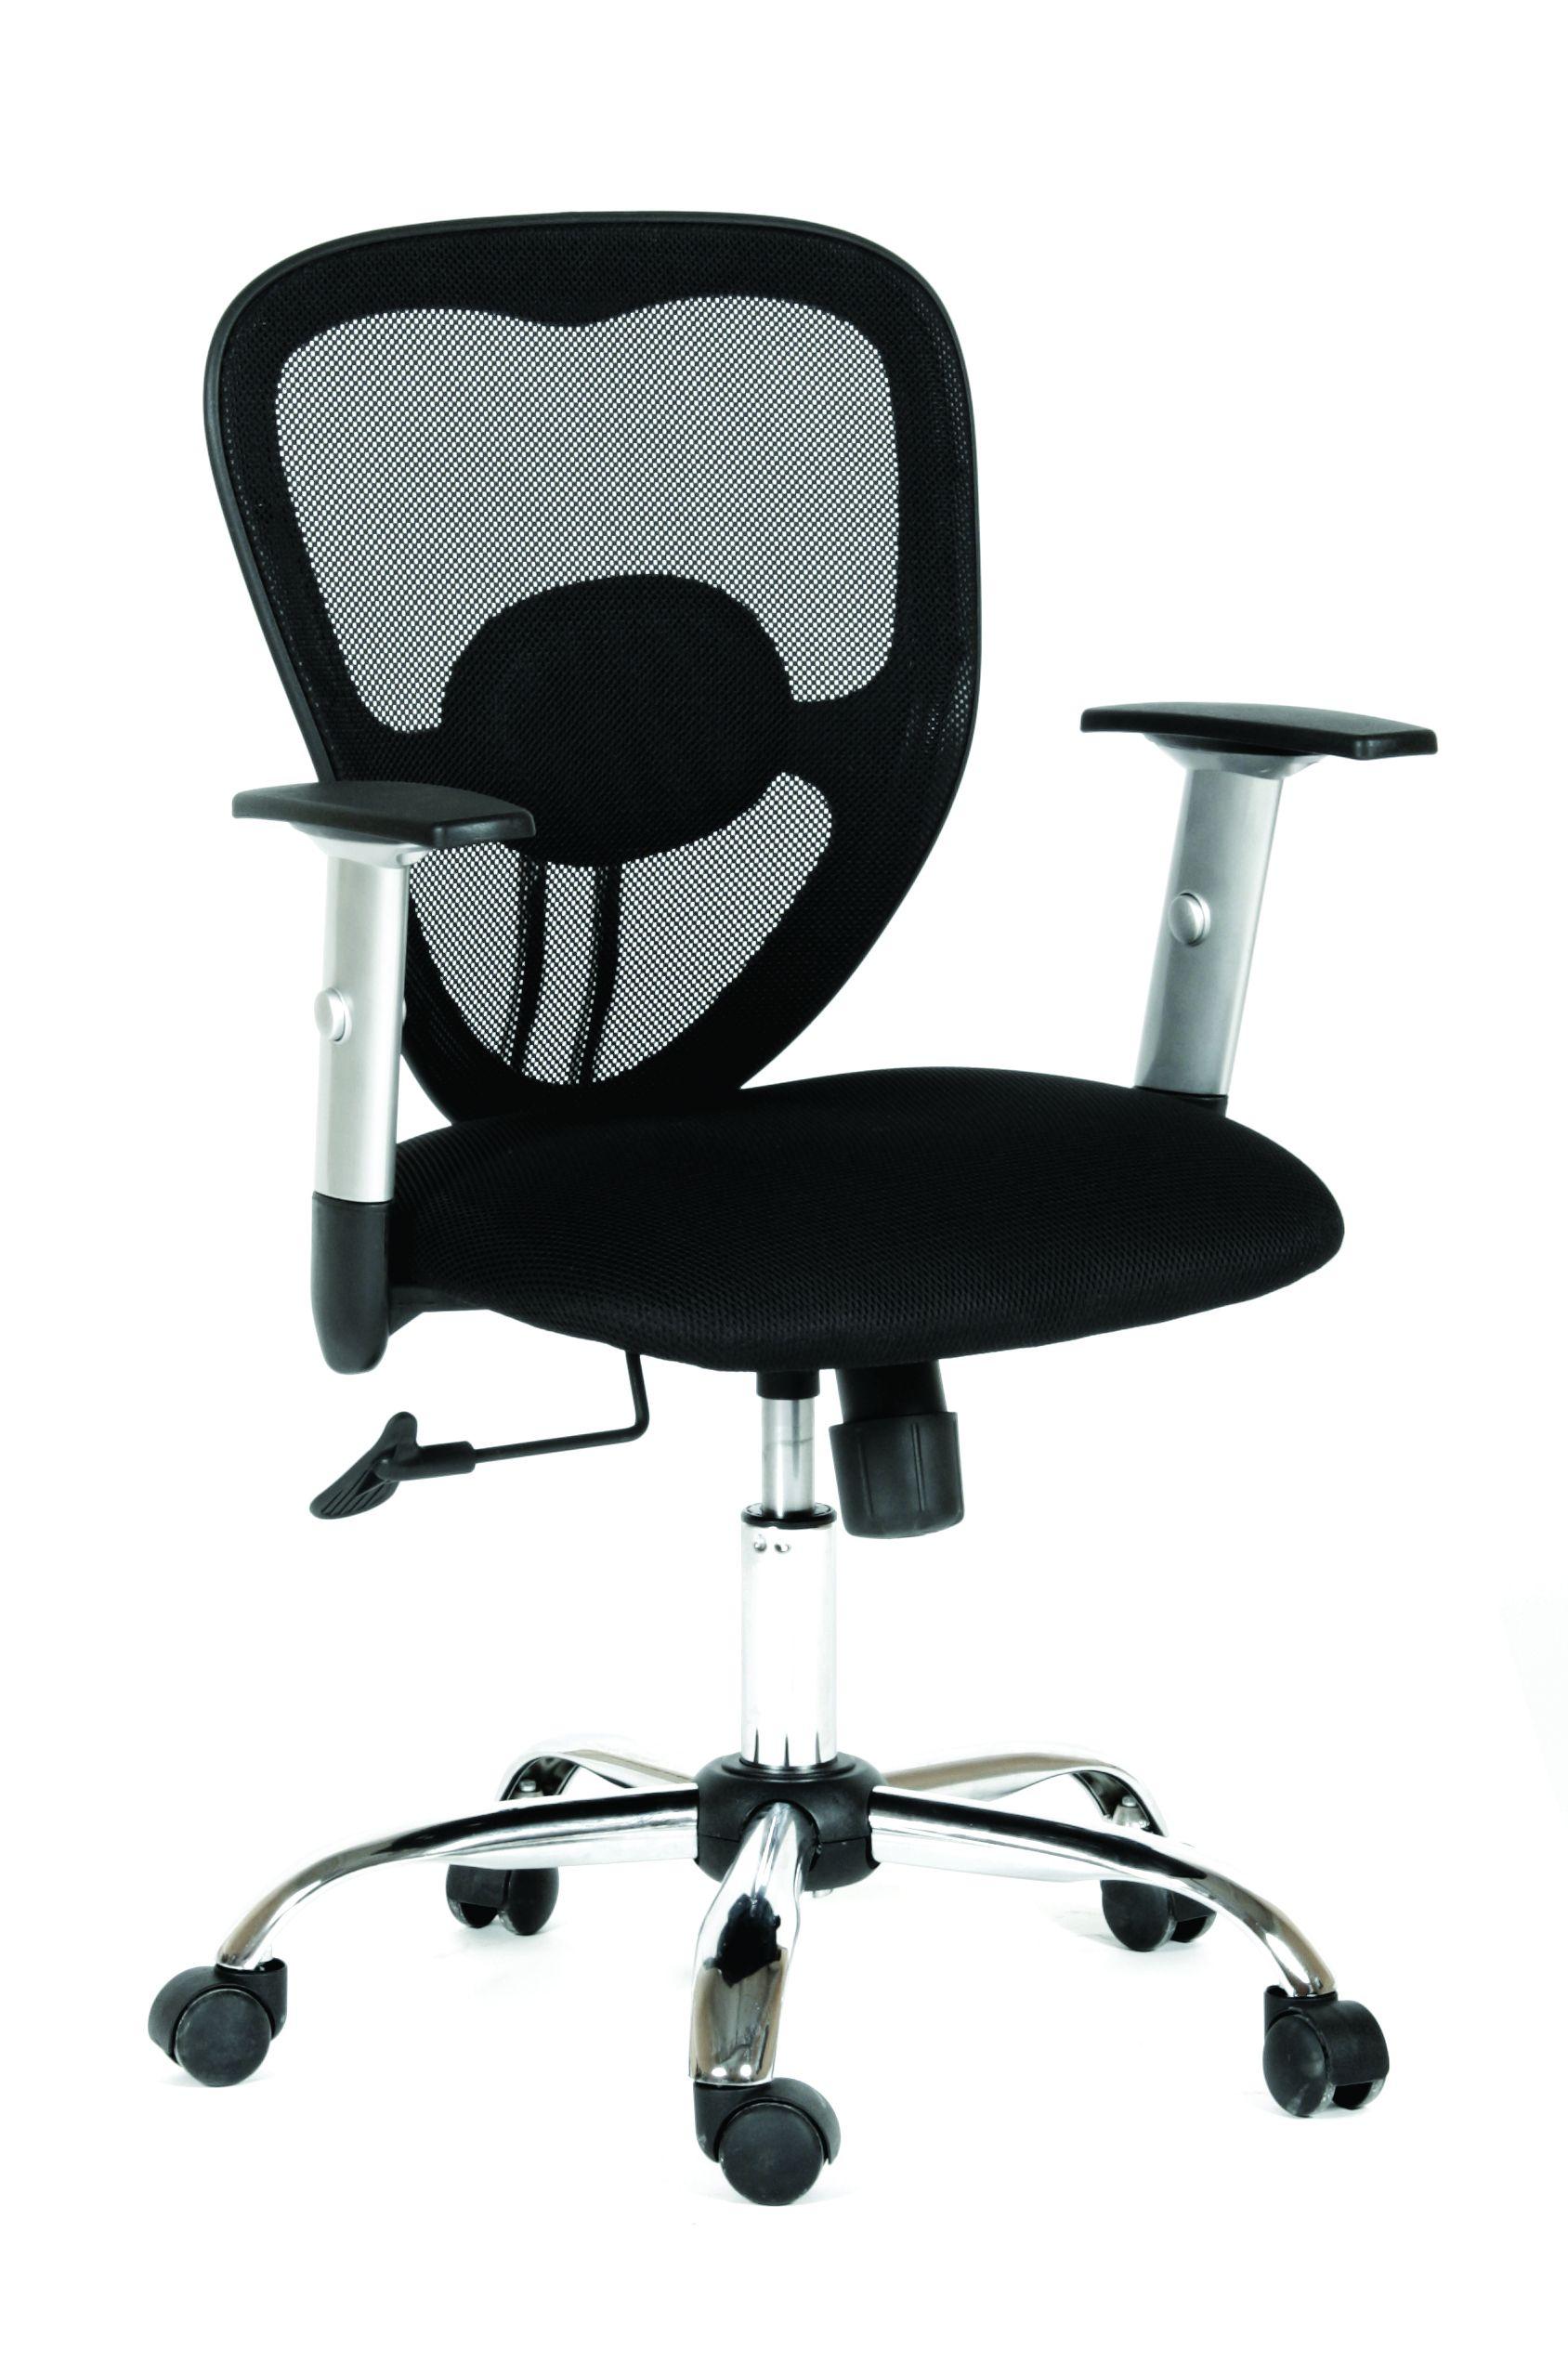 Biuro kėdė GALLUP 451